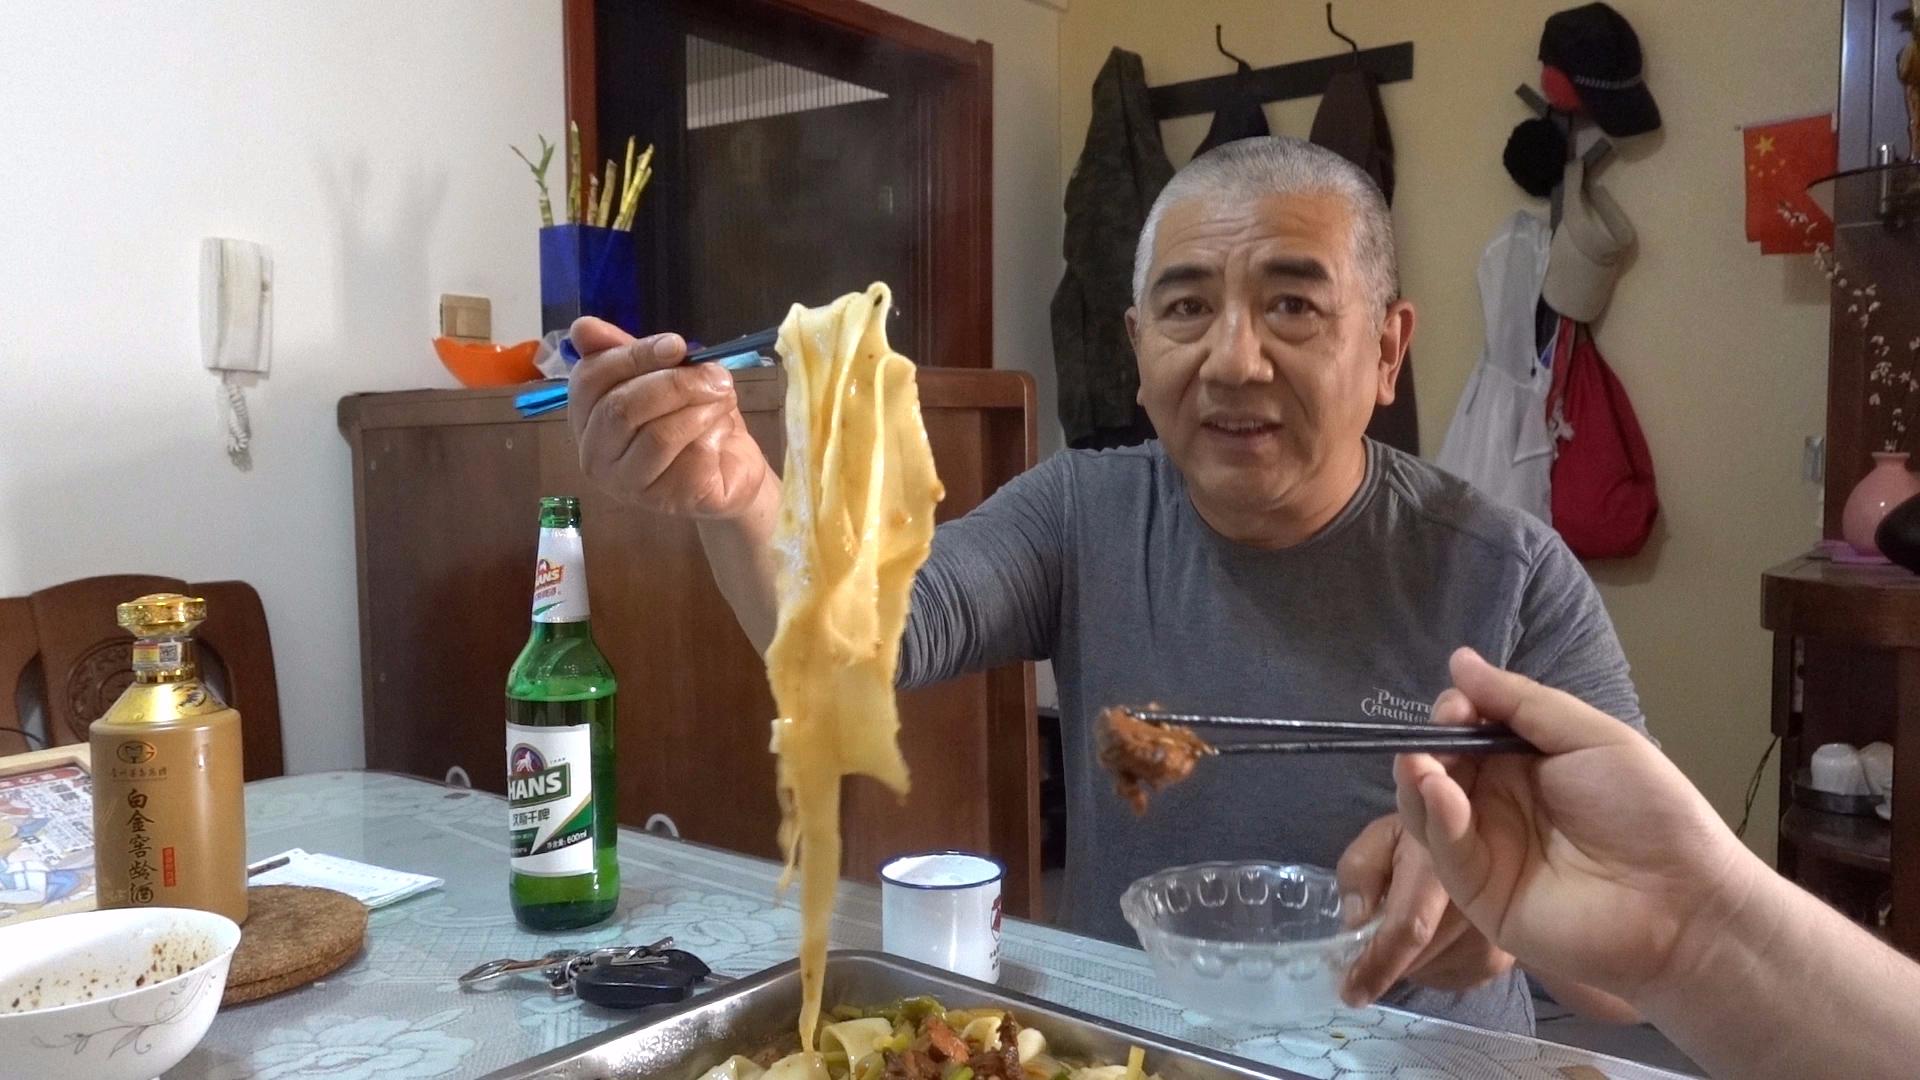 【老司马的日常食堂】司马自创大盘鸡拌裤带面,肉大面宽,诸葛赞不停